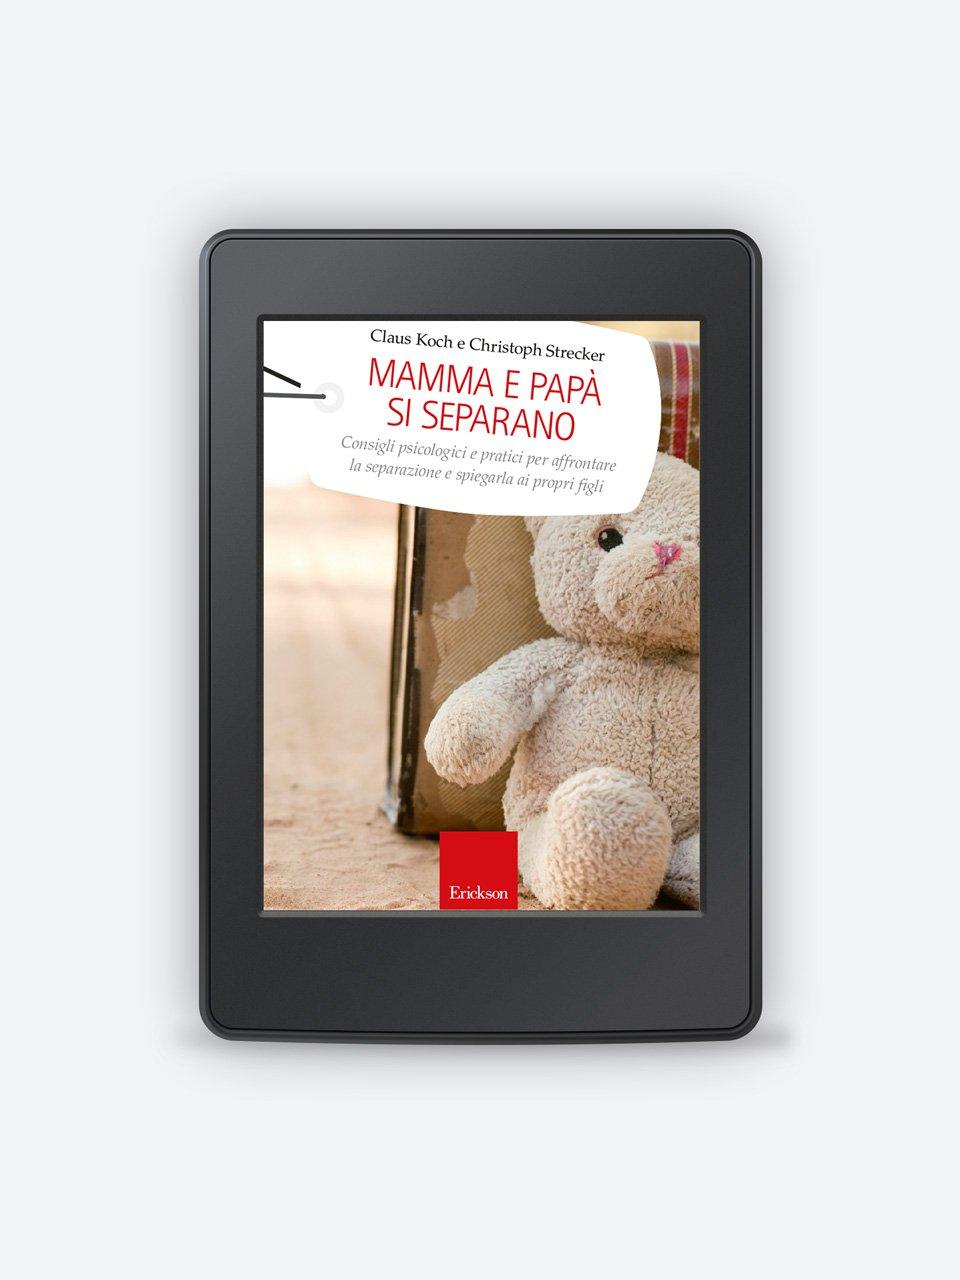 Mamma e papà si separano - Libri - Erickson